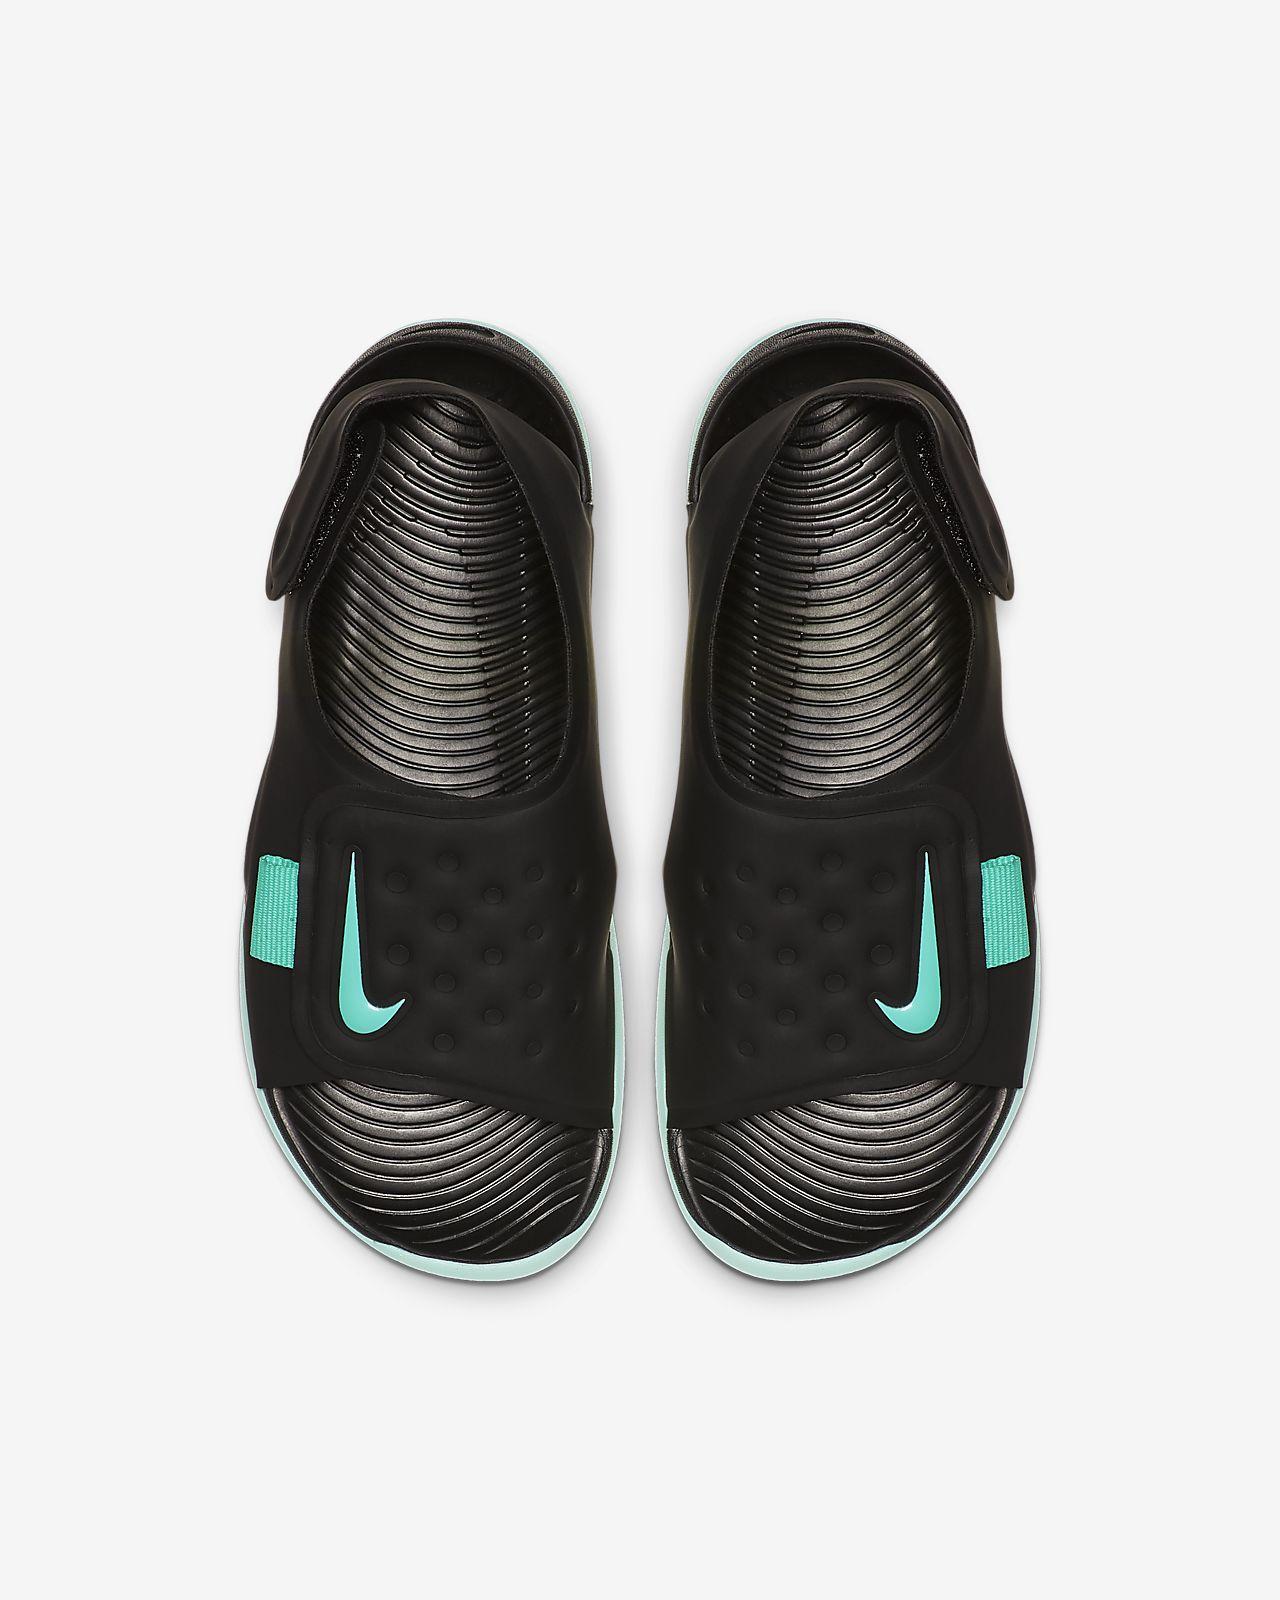 752fe91f5 Nike Sunray Adjust 5 Younger Older Kids  Sandal. Nike.com BE